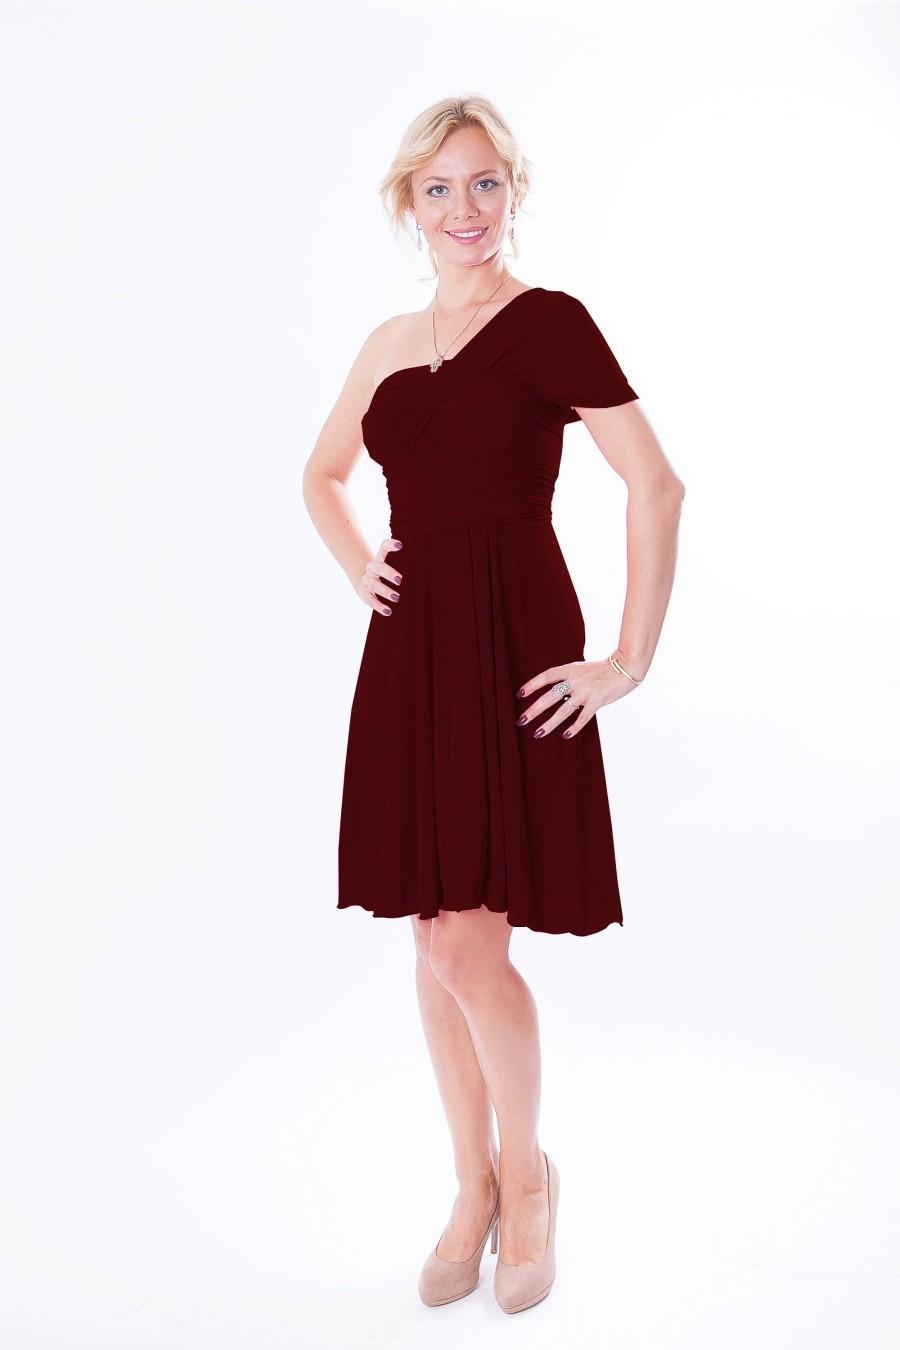 زفاف - Short infinity dress  Convertible Dress in vinous color  Bridesmaid  dress with matching tube top